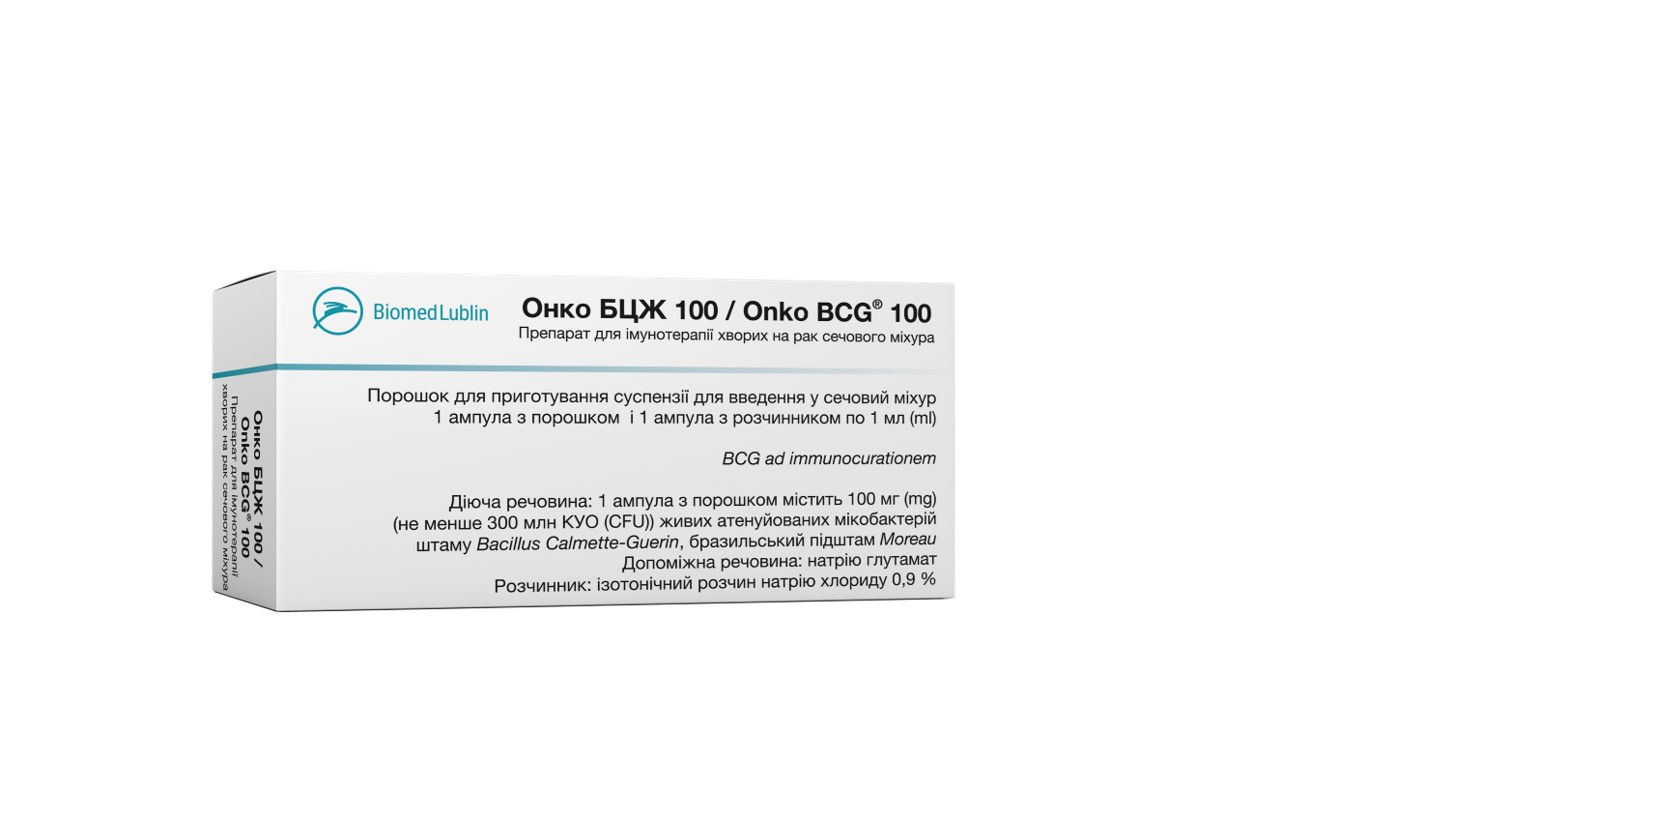 ОНКО БЦЖ 100 / ONKO BCG® 100